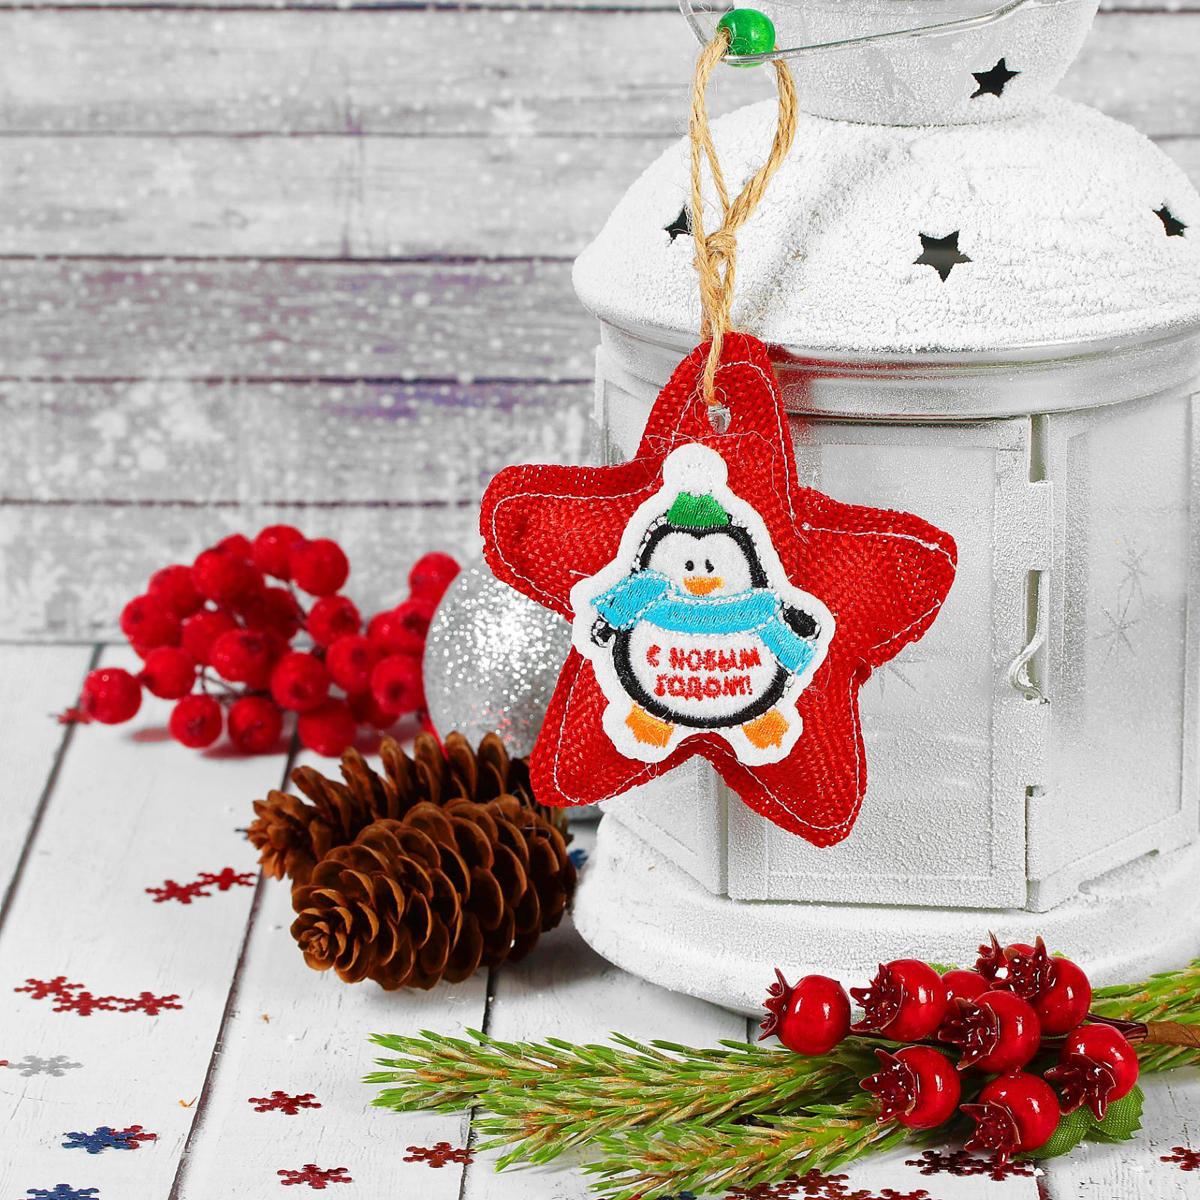 Новогоднее подвесное украшение Страна Карнавалия С Новым годом. Пингвинчик мешок деда мороза страна карнавалия с новым годом 60 х 90 см 3292118